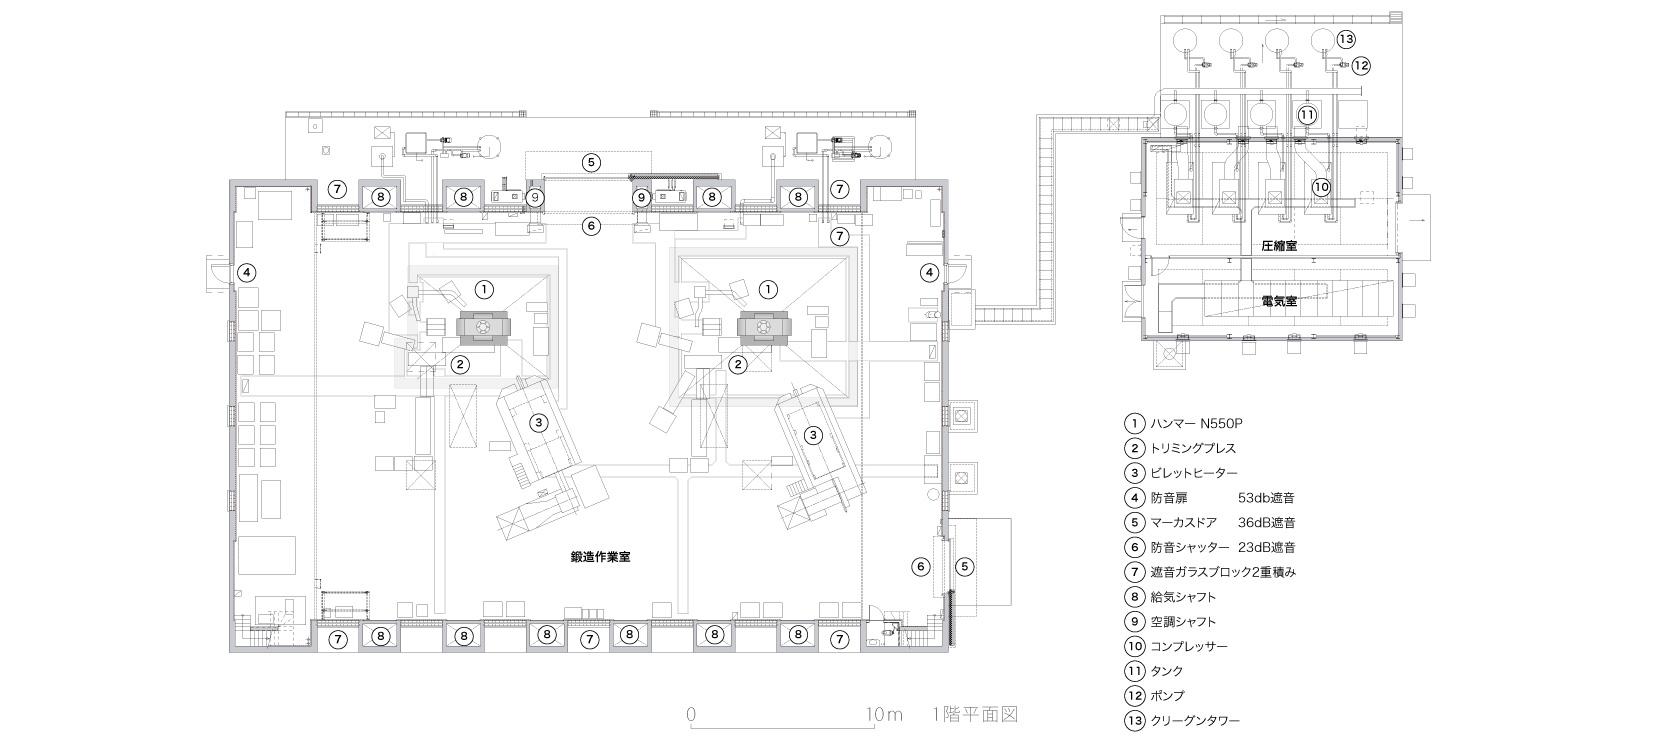 新鍛造工場7-1階平面図